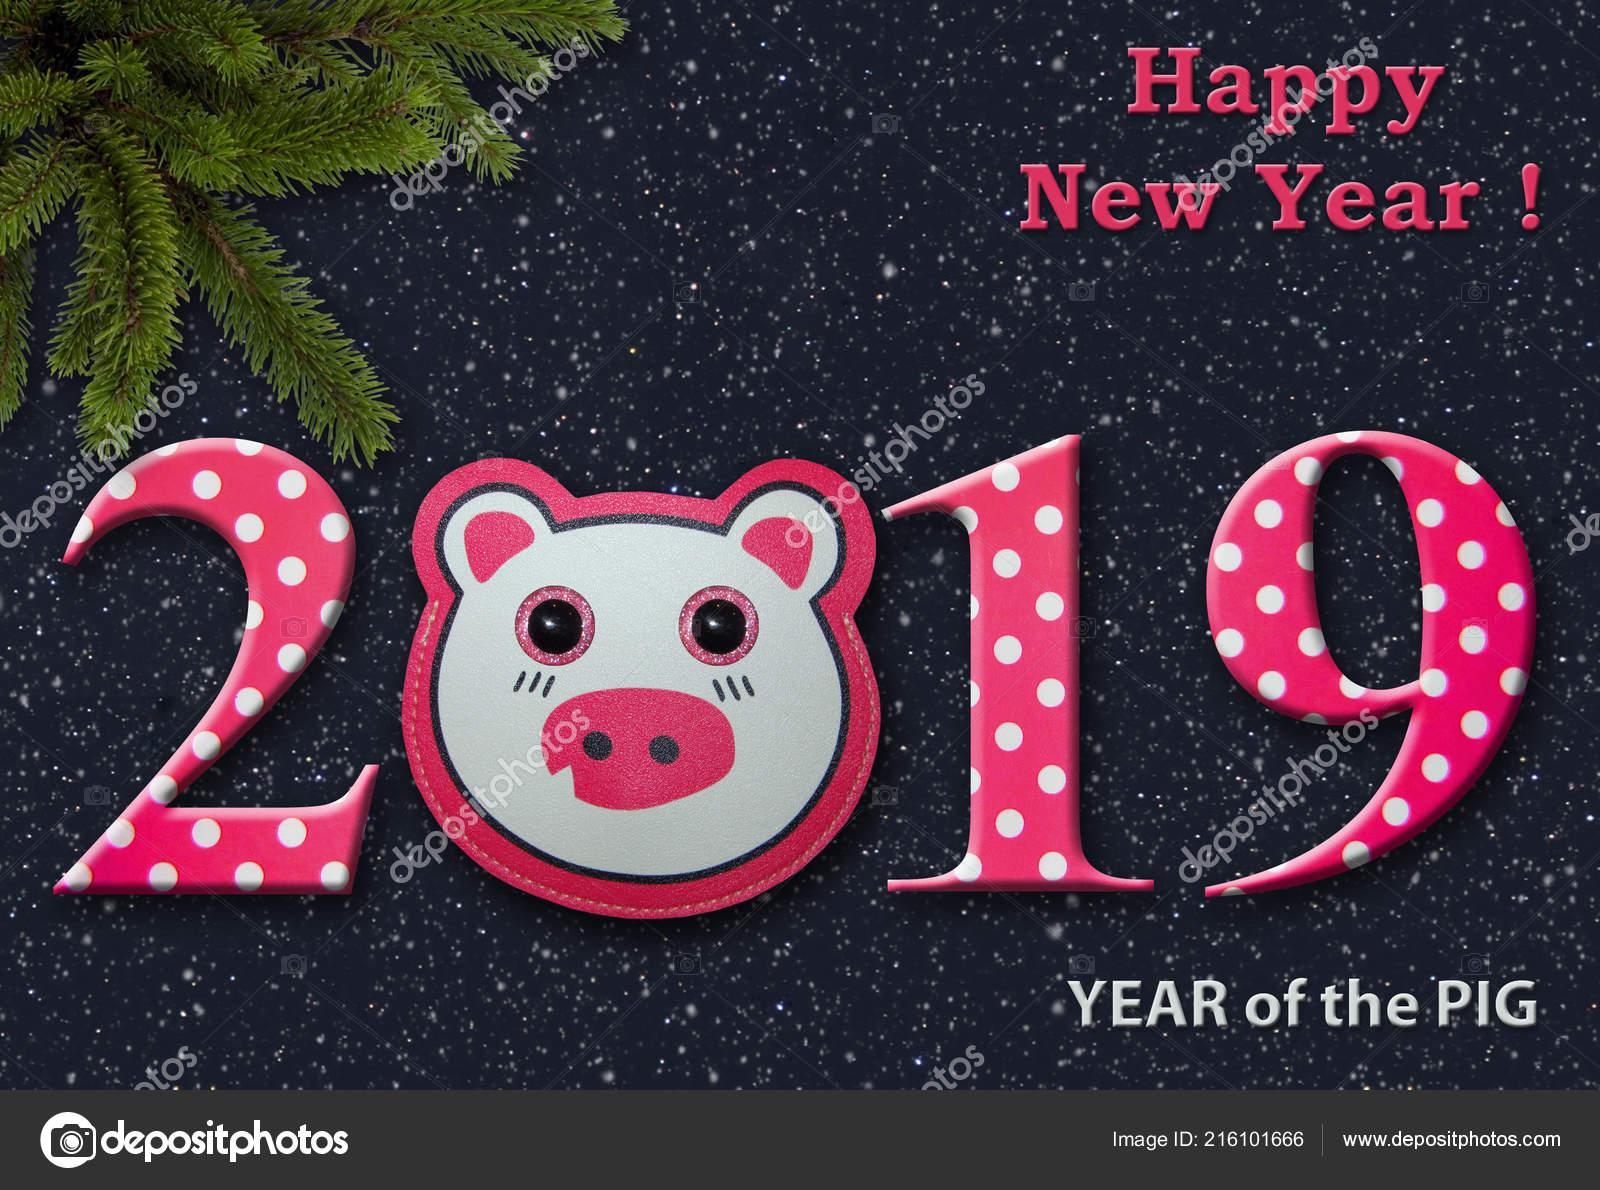 Die Lustige Neujahr 2019 Grußkarte Mit Einem Spielzeug Schwein Nacht